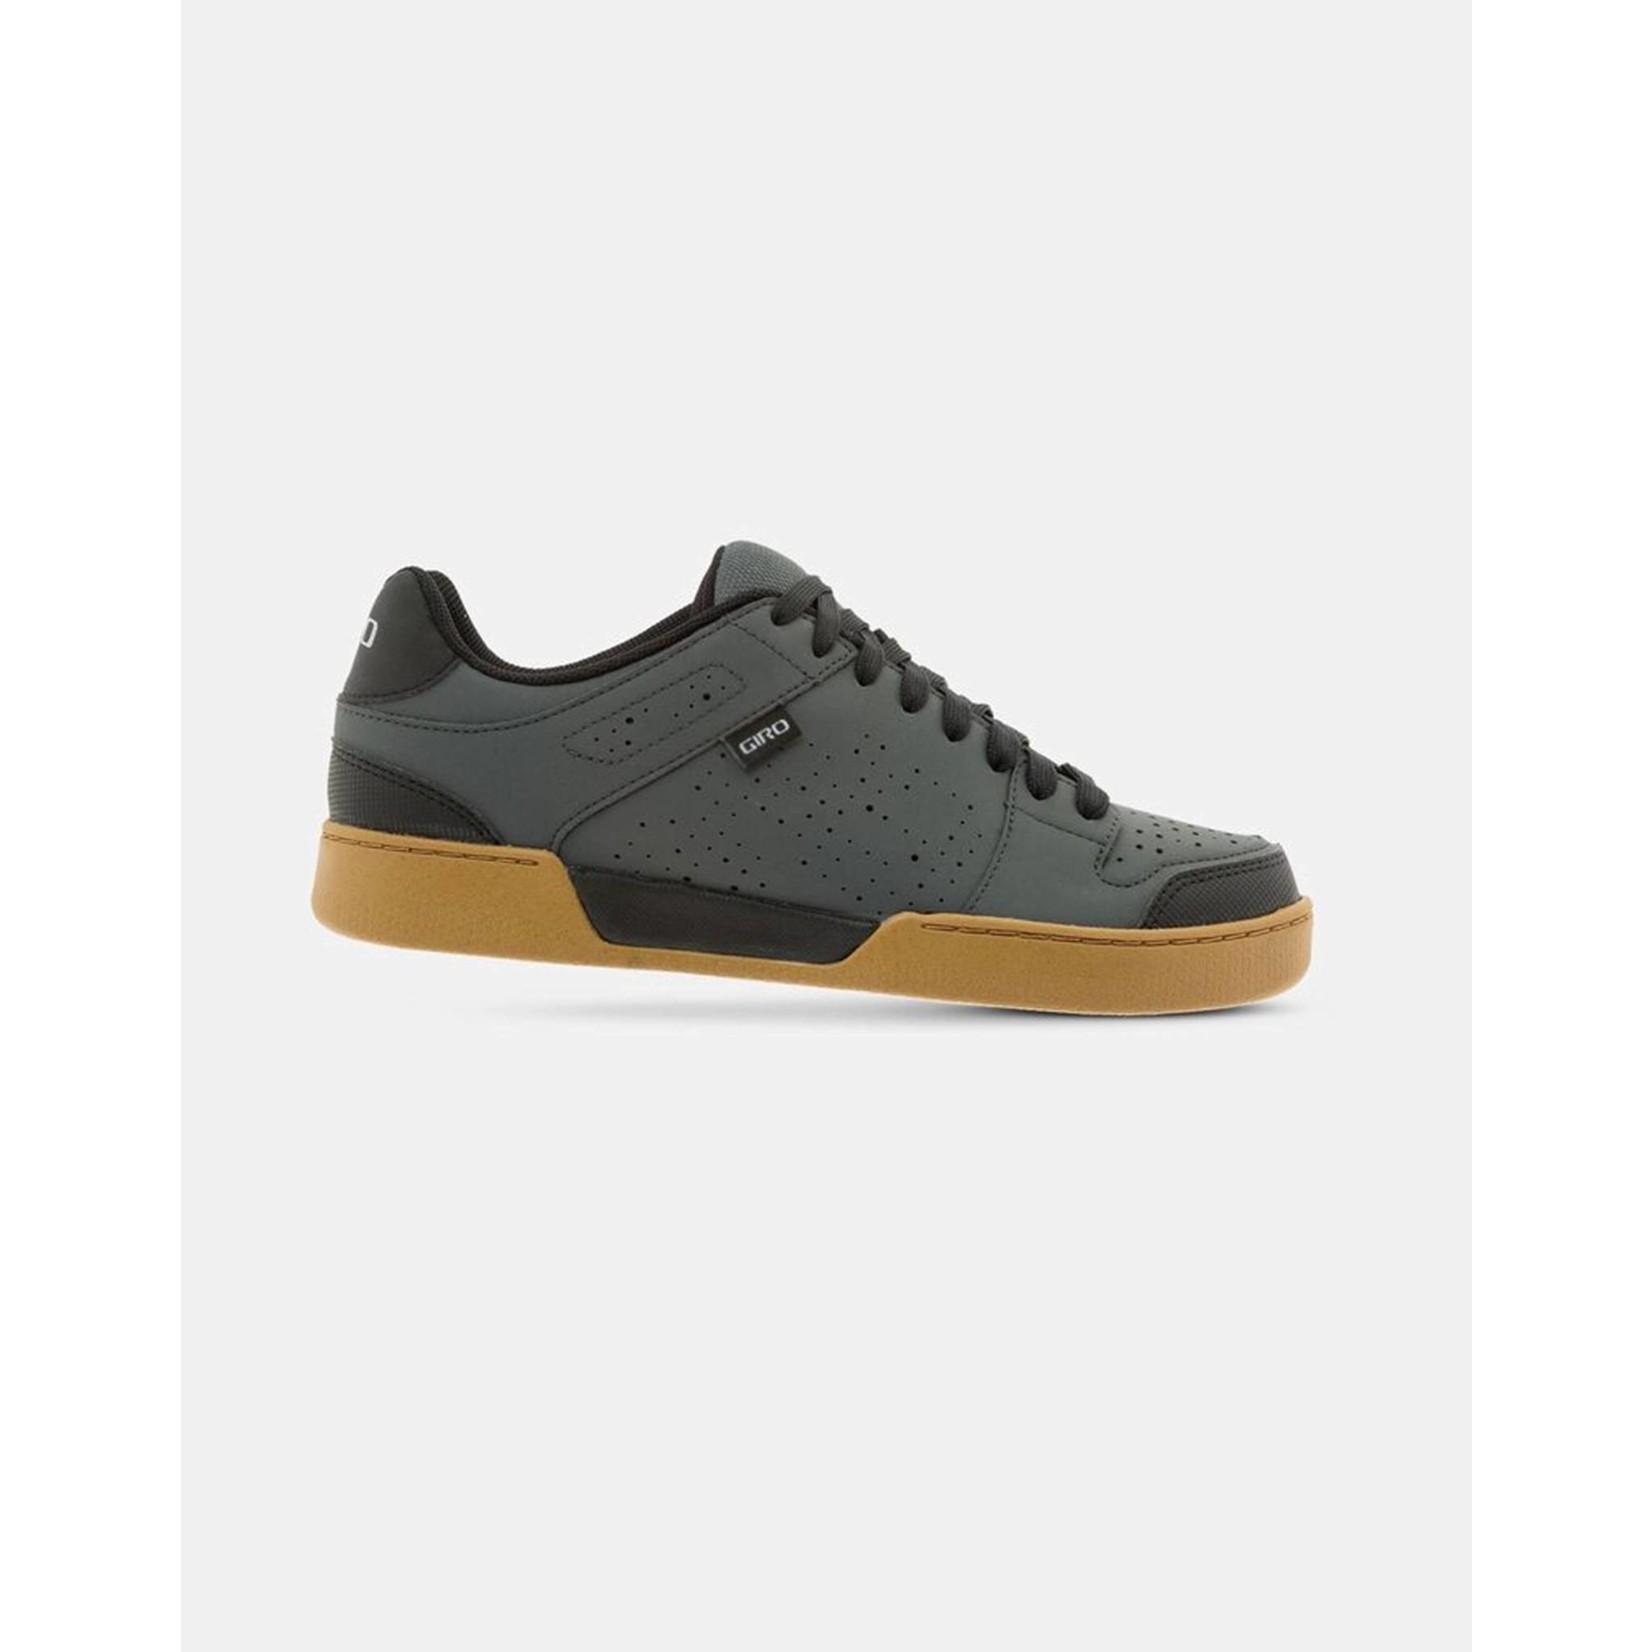 Giro Jacket II MTB Shoes